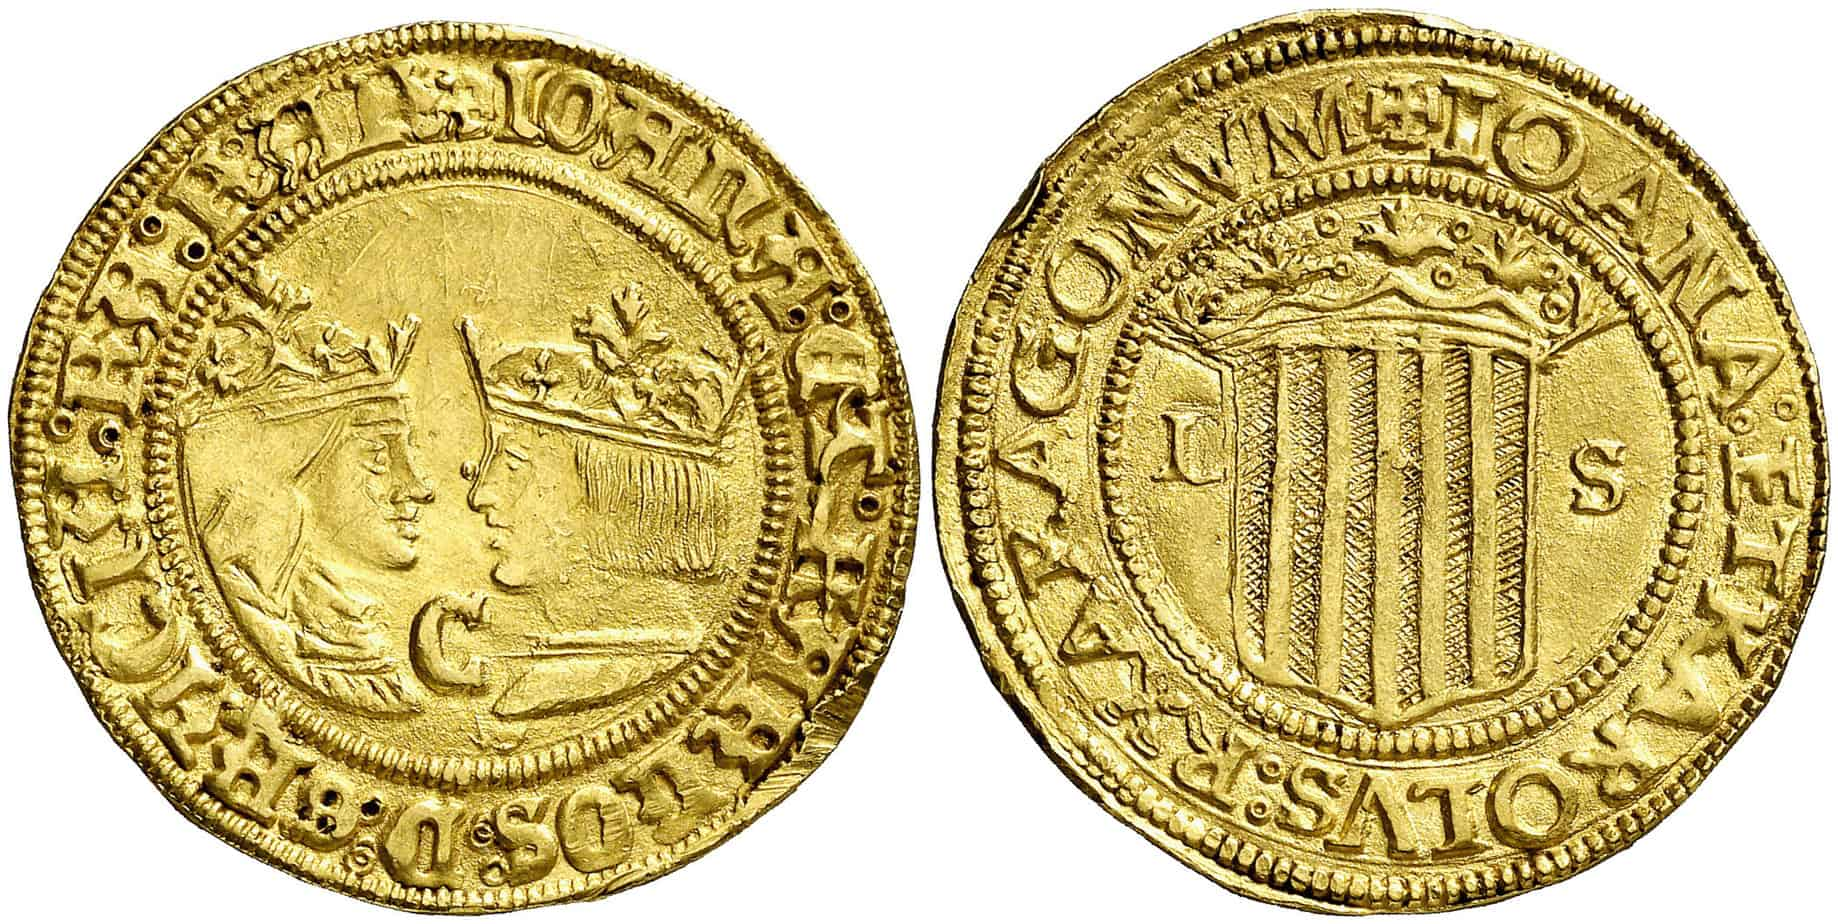 Imagen 14. Doble ducado